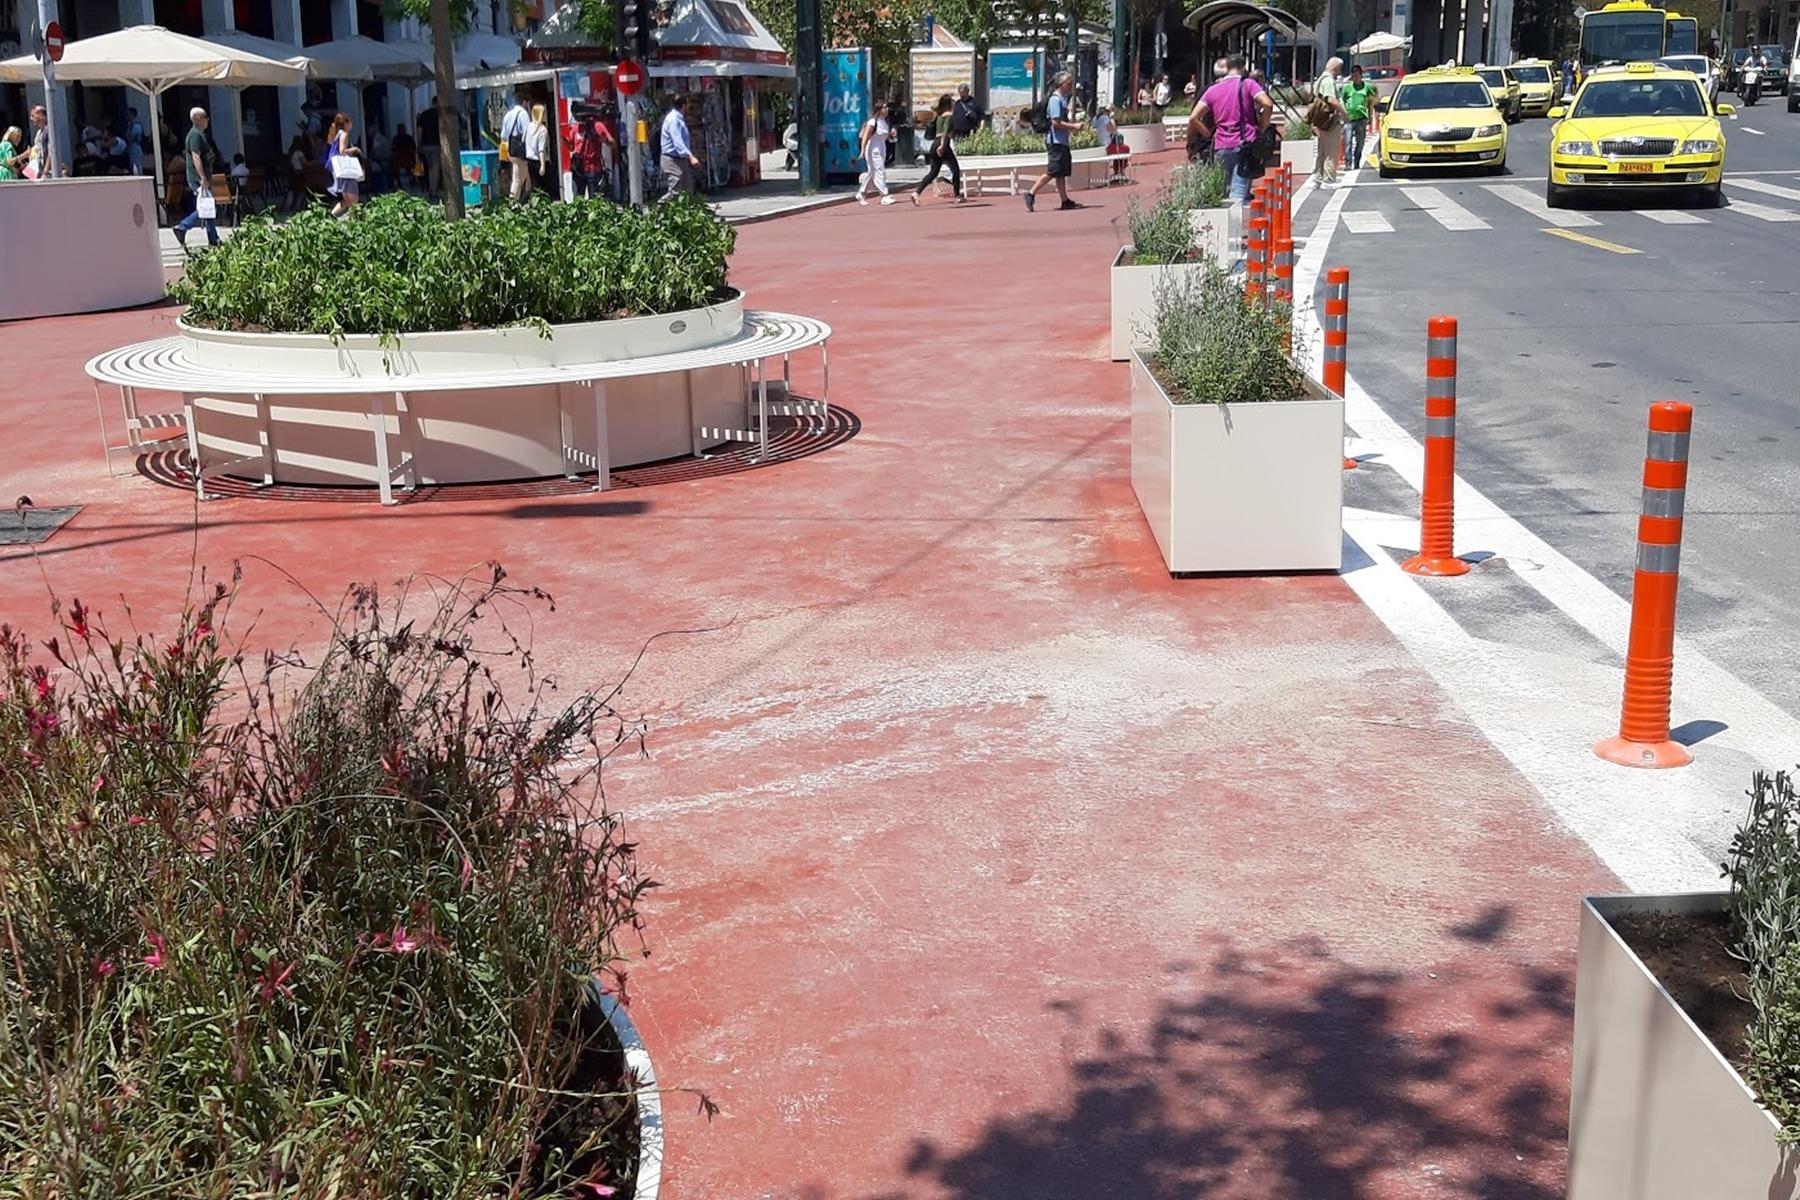 Μεγάλος Περίπατος: Ο Σύλλογος αρχιτεκτόνων κάνει λόγο για «αποστειρωμένη  Αθήνα προαύλιο των μεγάλων ξενοδοχείων» - iNews247 - Οι Είδησεις Σήμερα